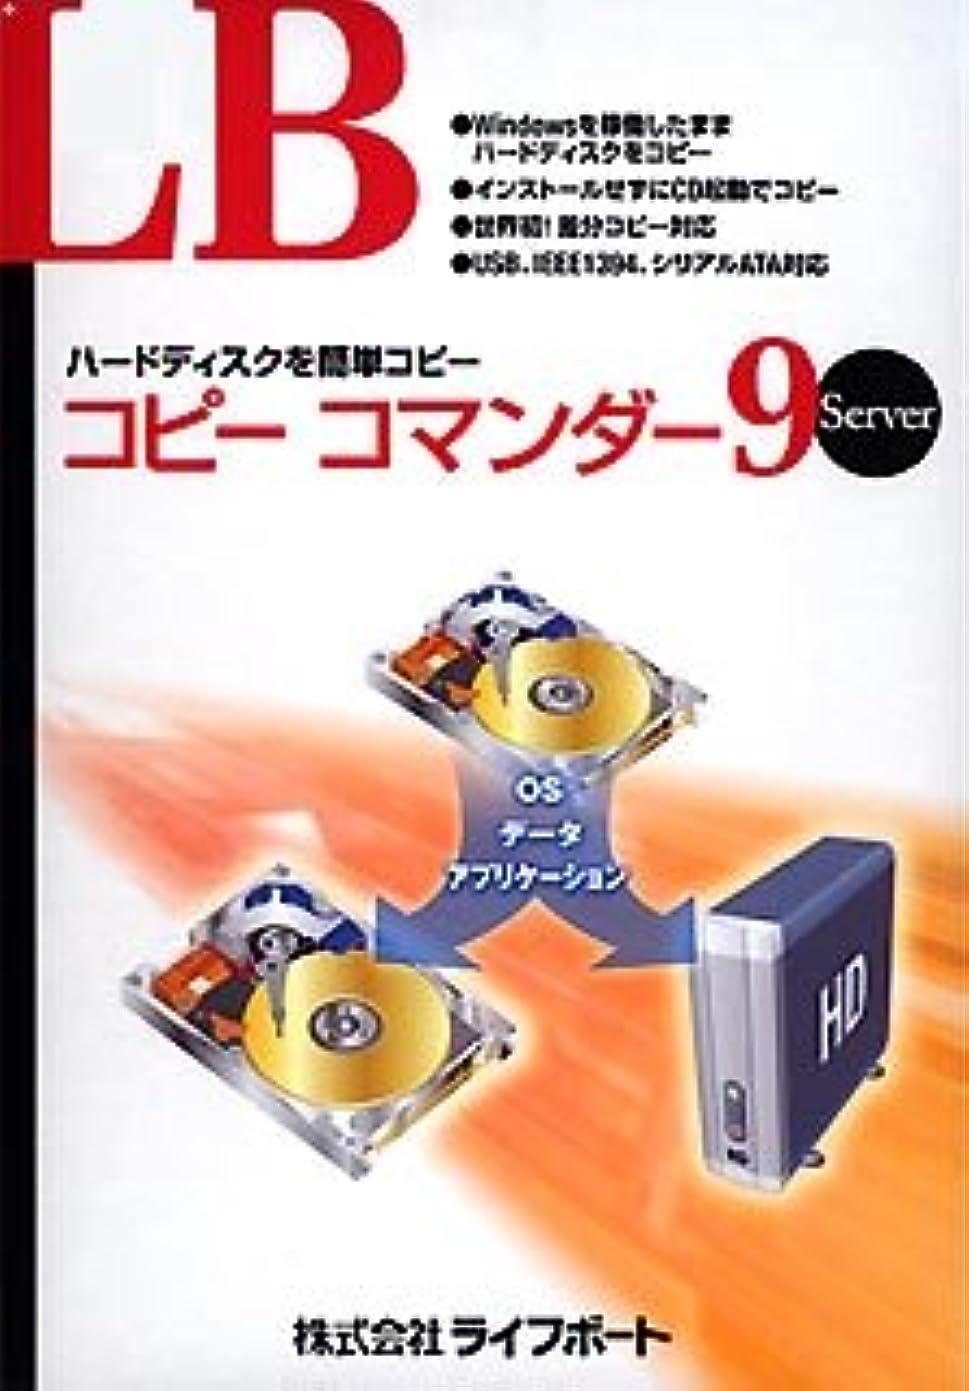 助手ファイバ発揮するLB コピー コマンダー9 Server